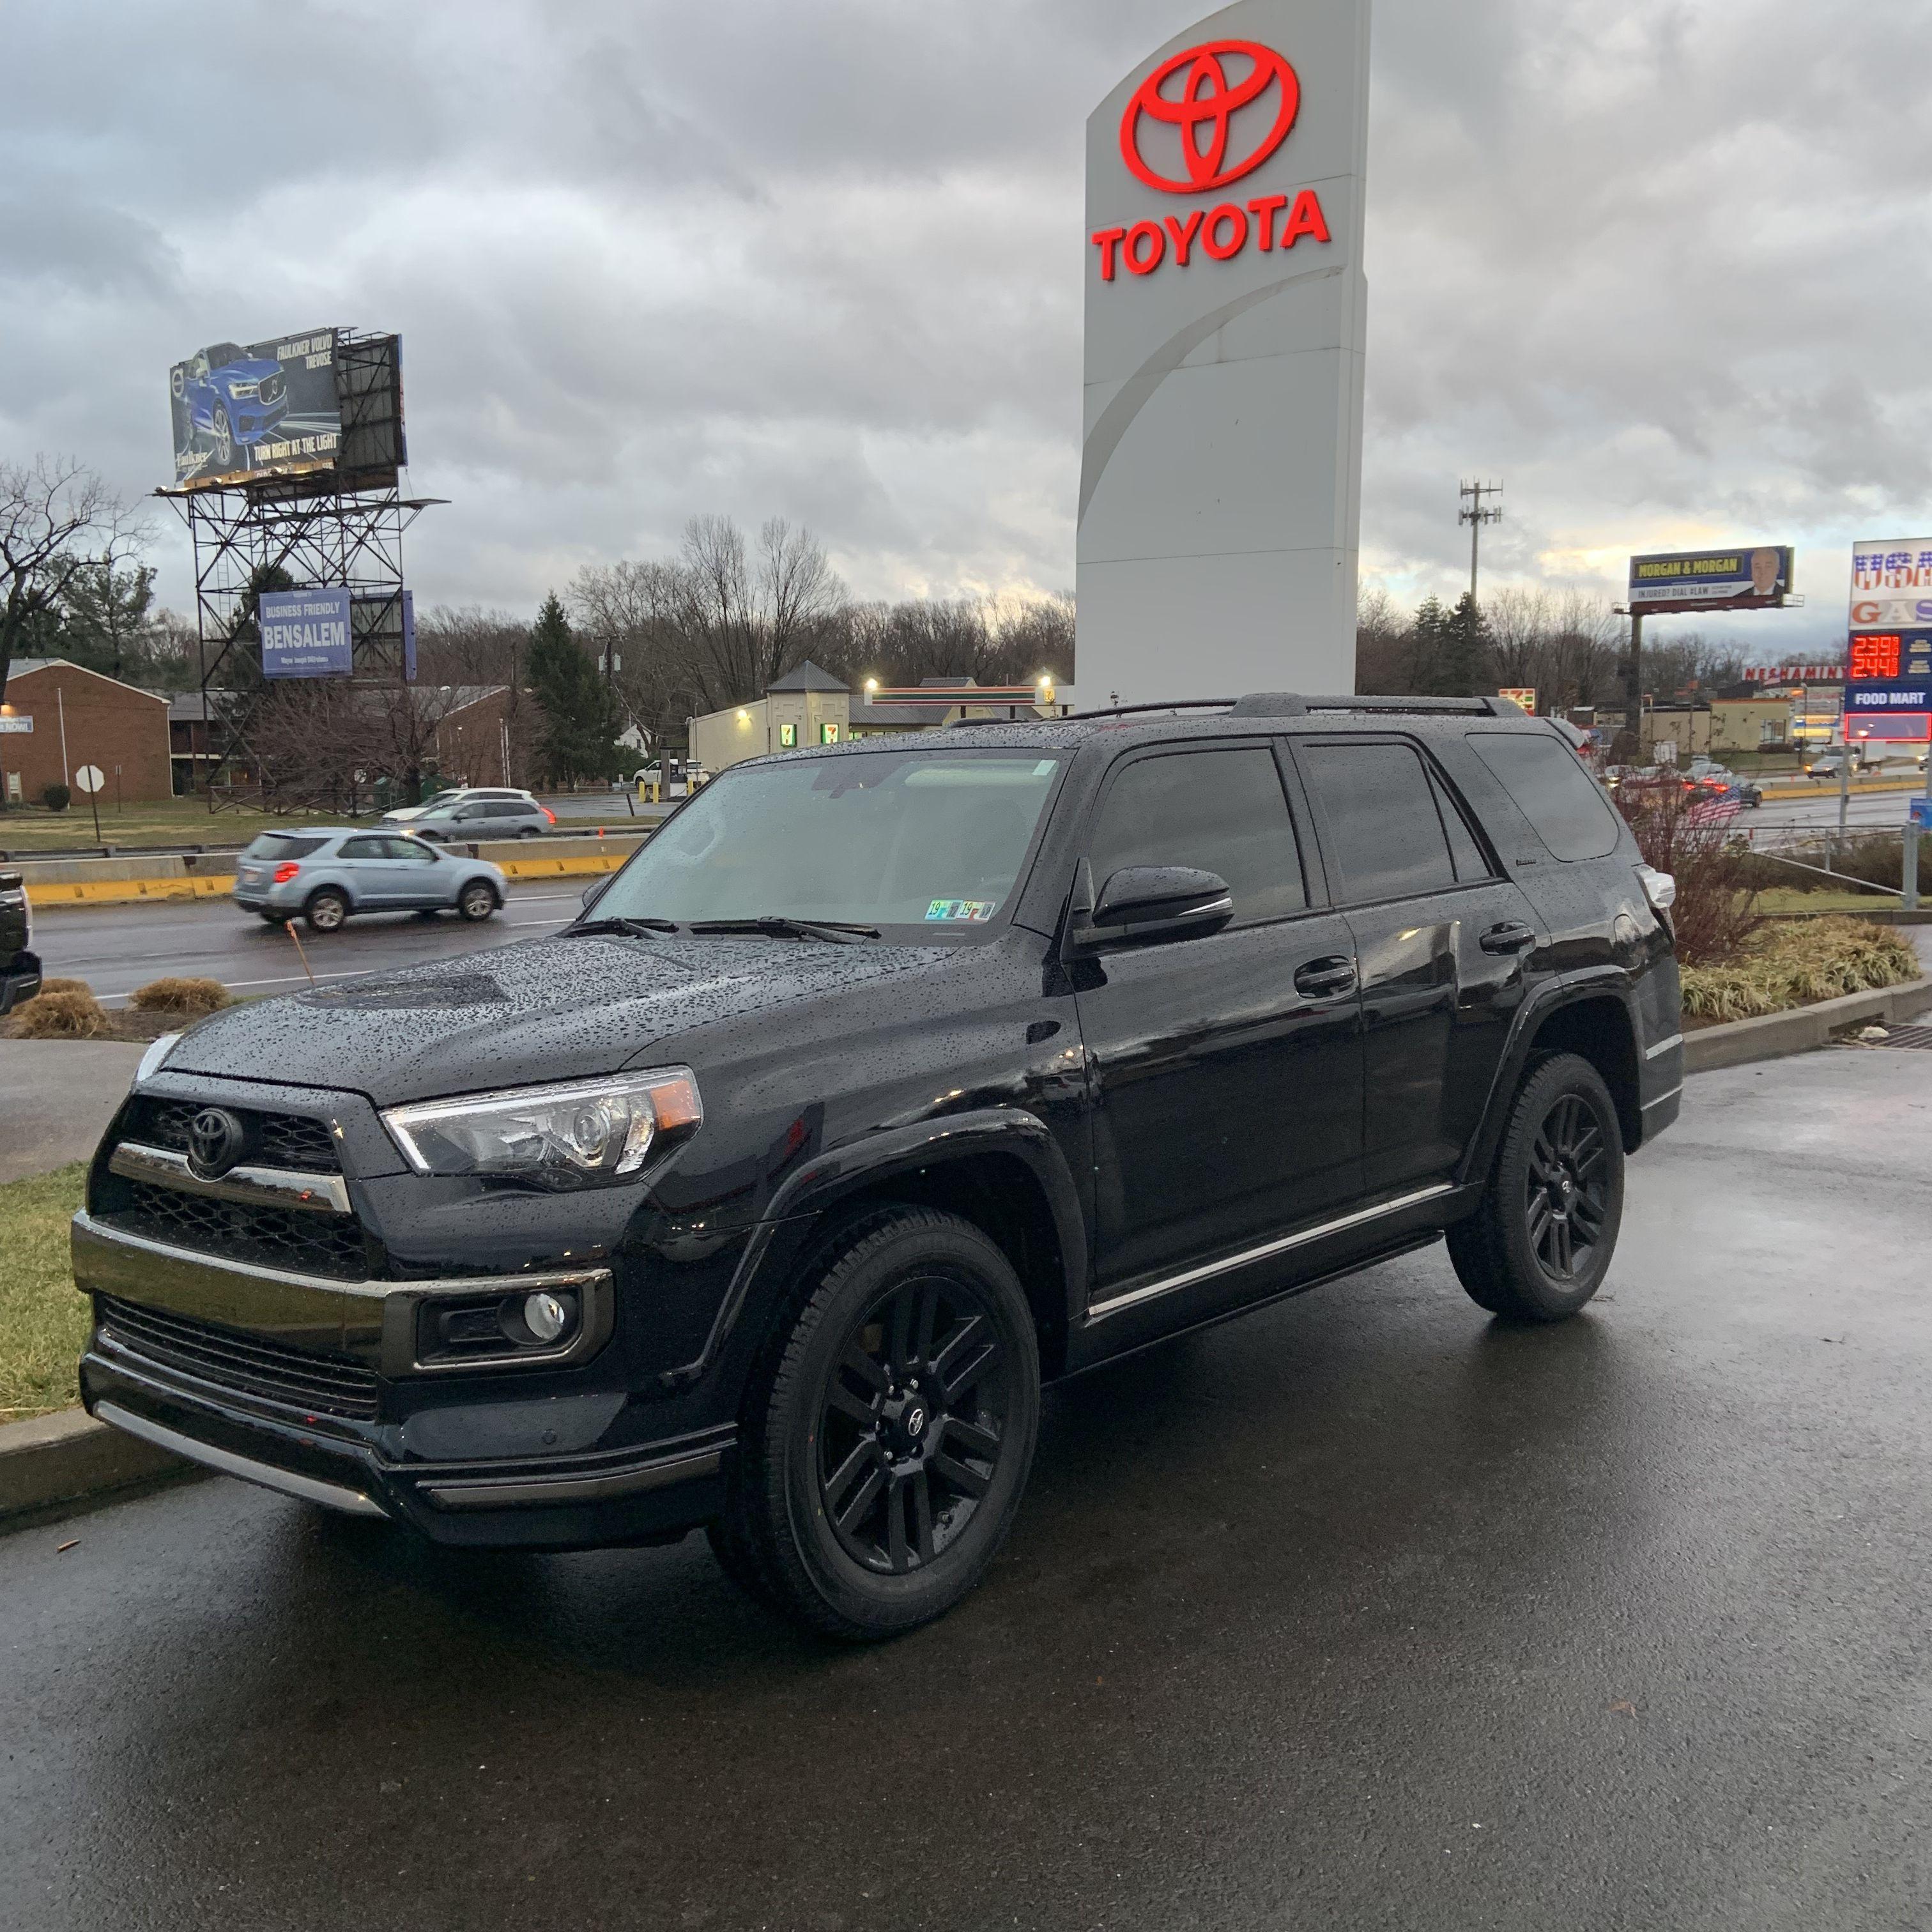 2019 Toyota 4runner Limited Night Shade Toyota 4runner 4runner 4runner Limited